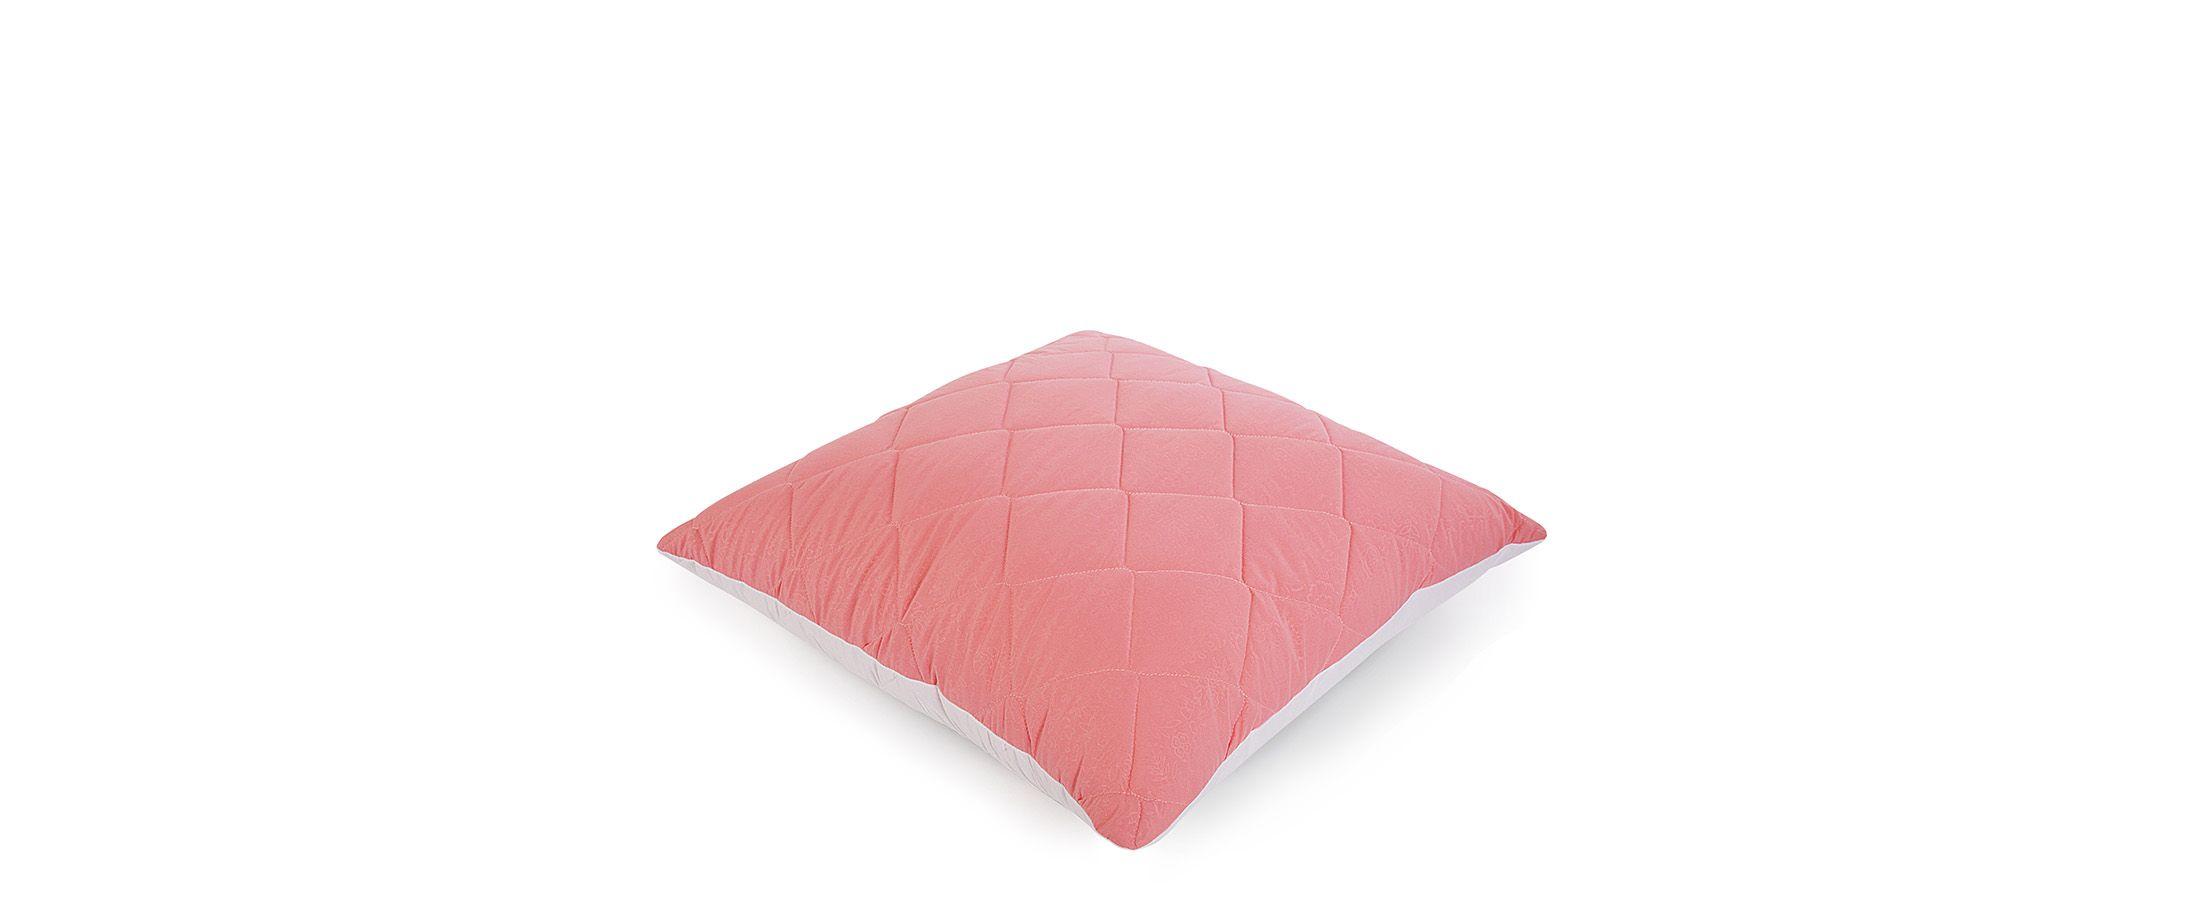 Подушка «Для тебя» 68х68 розового цвета Модель 4004Подушка «Для тебя» 68х68 розового цвета Модель 4004. Артикул К000727<br>